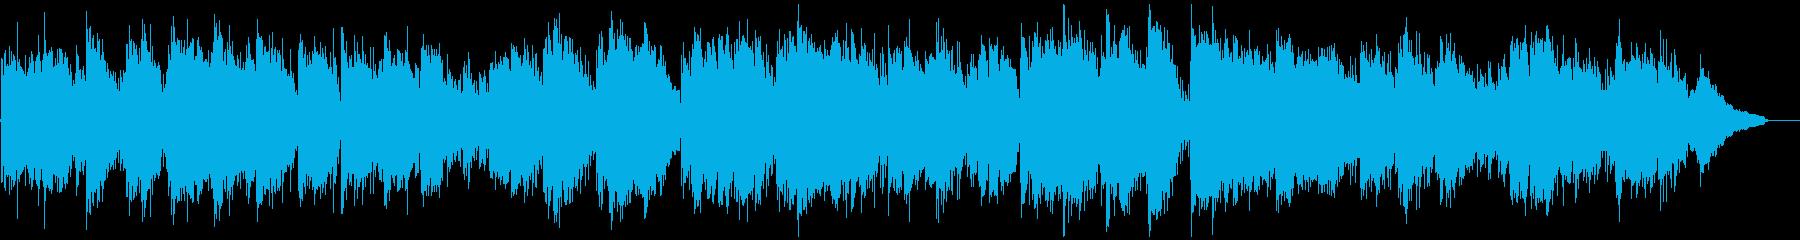 穏やかで安らぐリラックス系ヒーリング曲の再生済みの波形